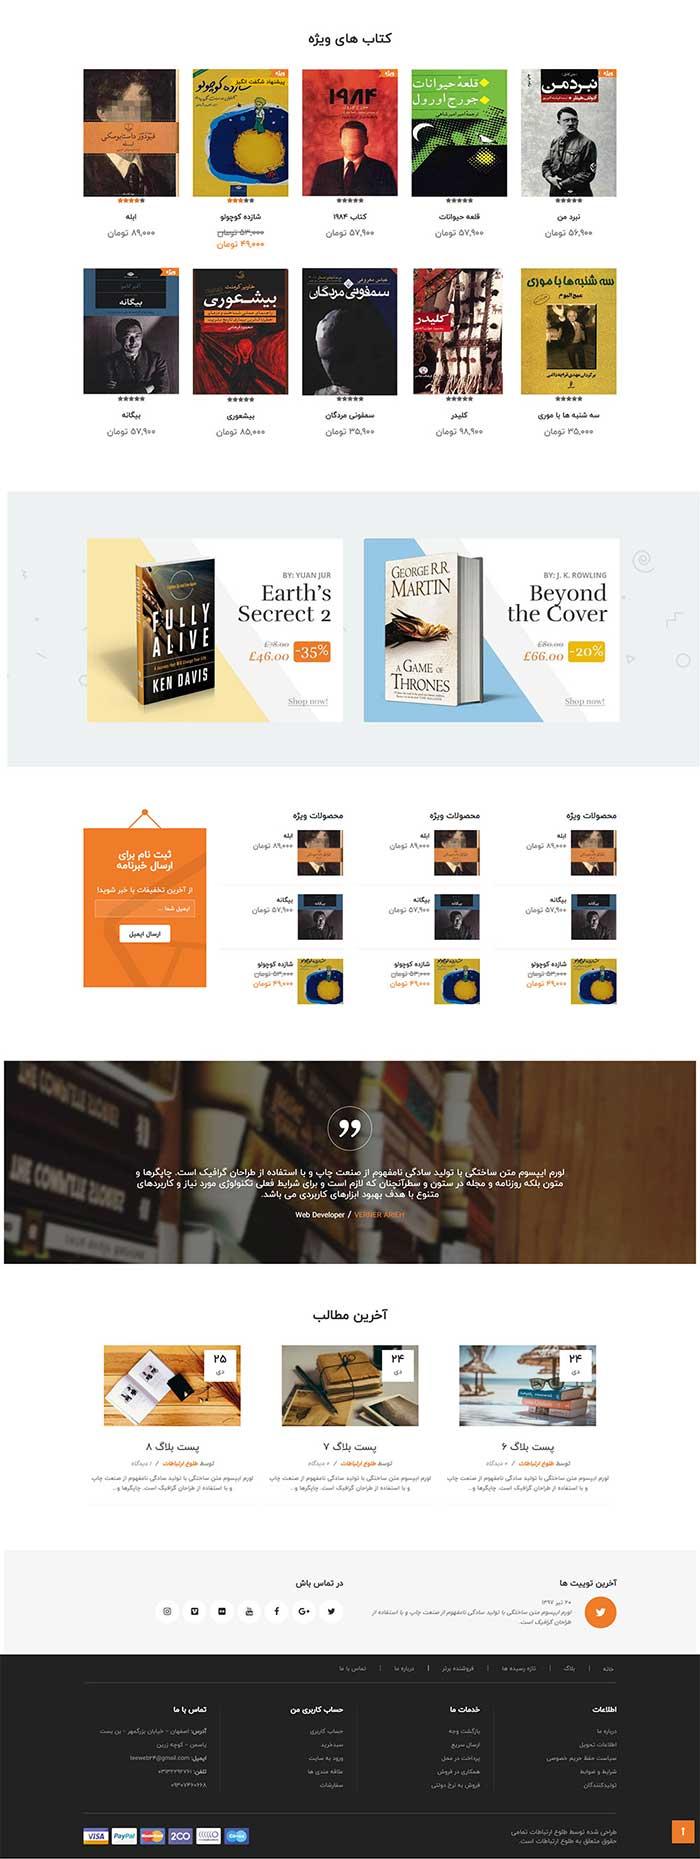 قالب فروش کتاب skybook